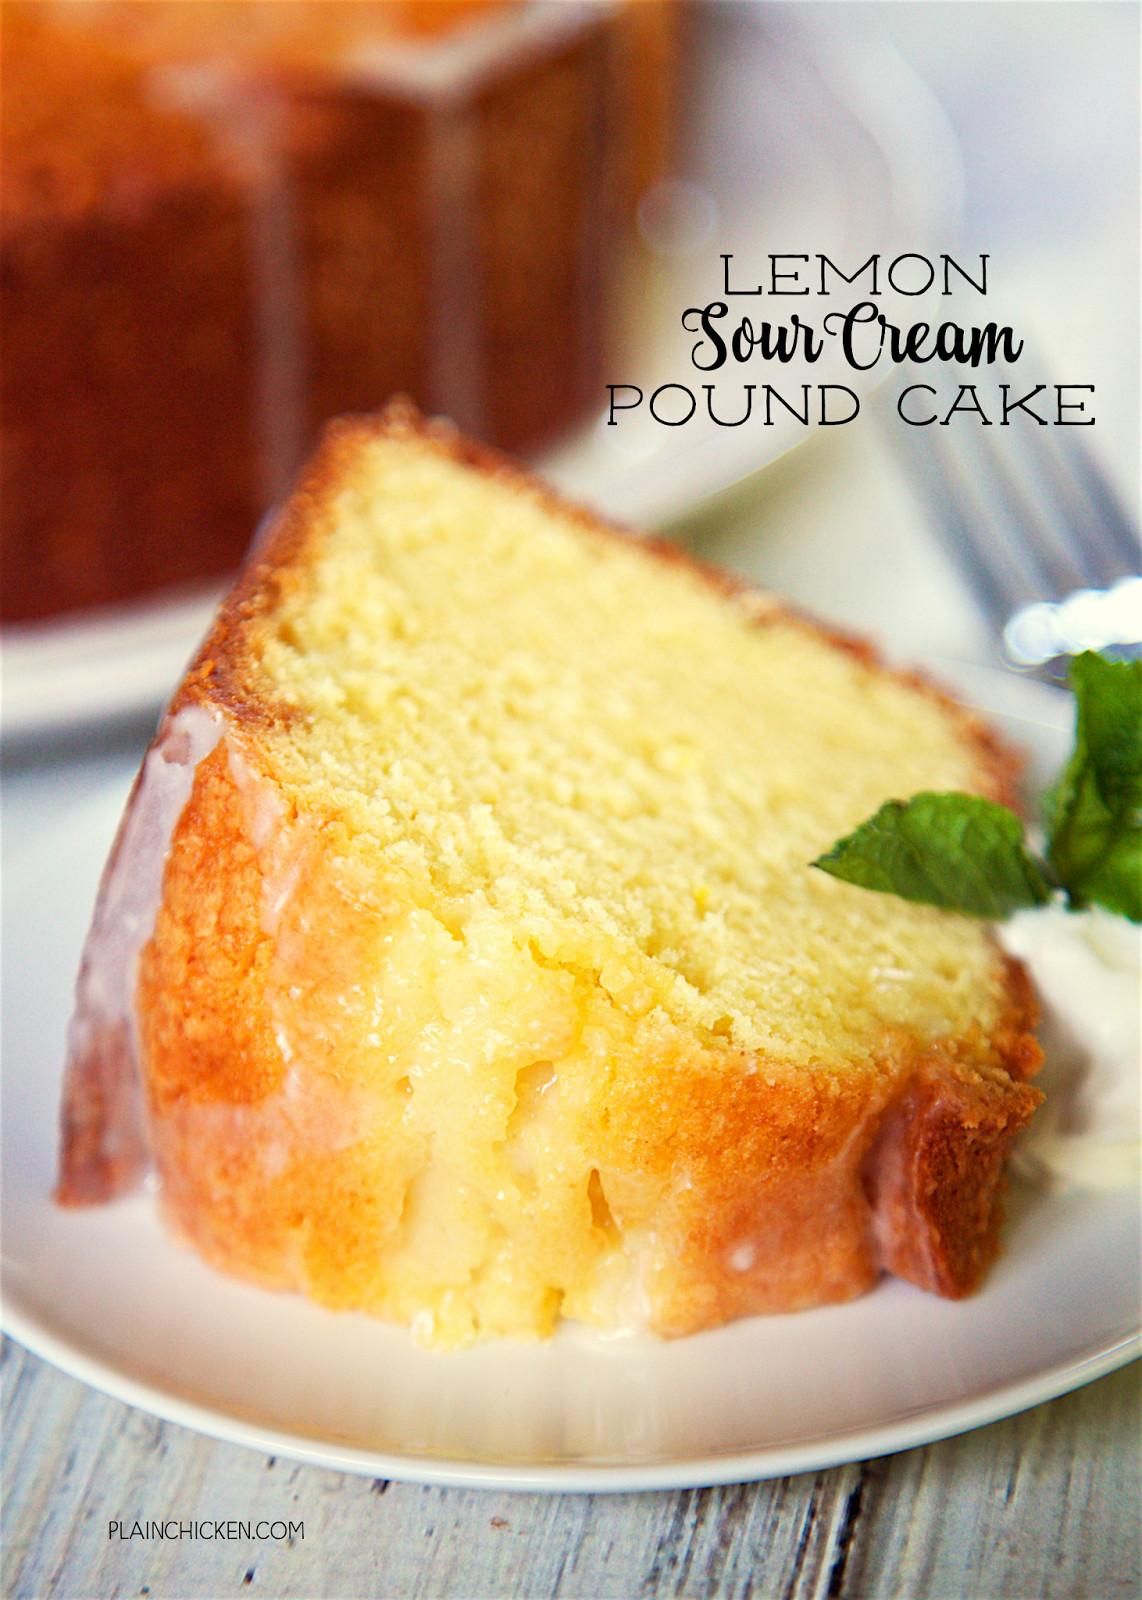 Sour Cream Pound Cake Recipe  Lemon Sour Cream Pound Cake